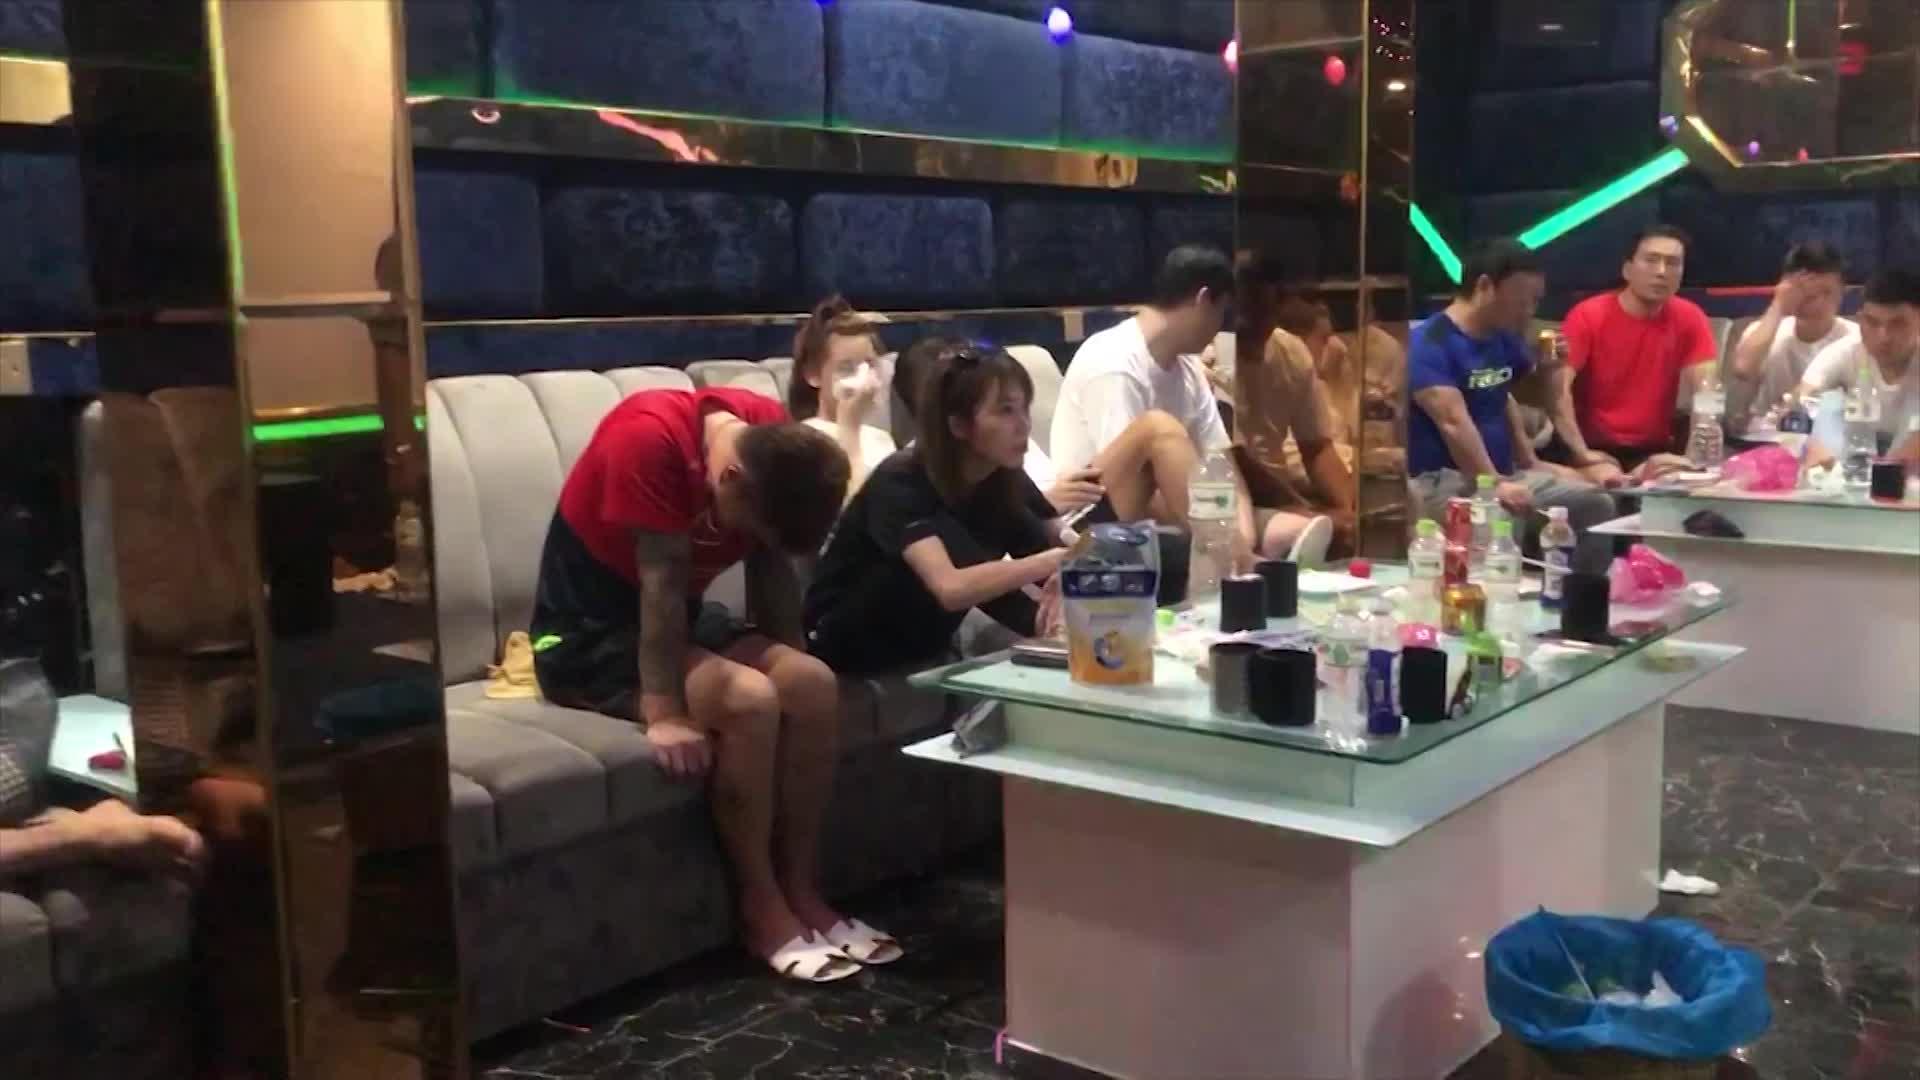 da nang 36 doi tuong phe ma tuy nhay mua trong quan karaoke